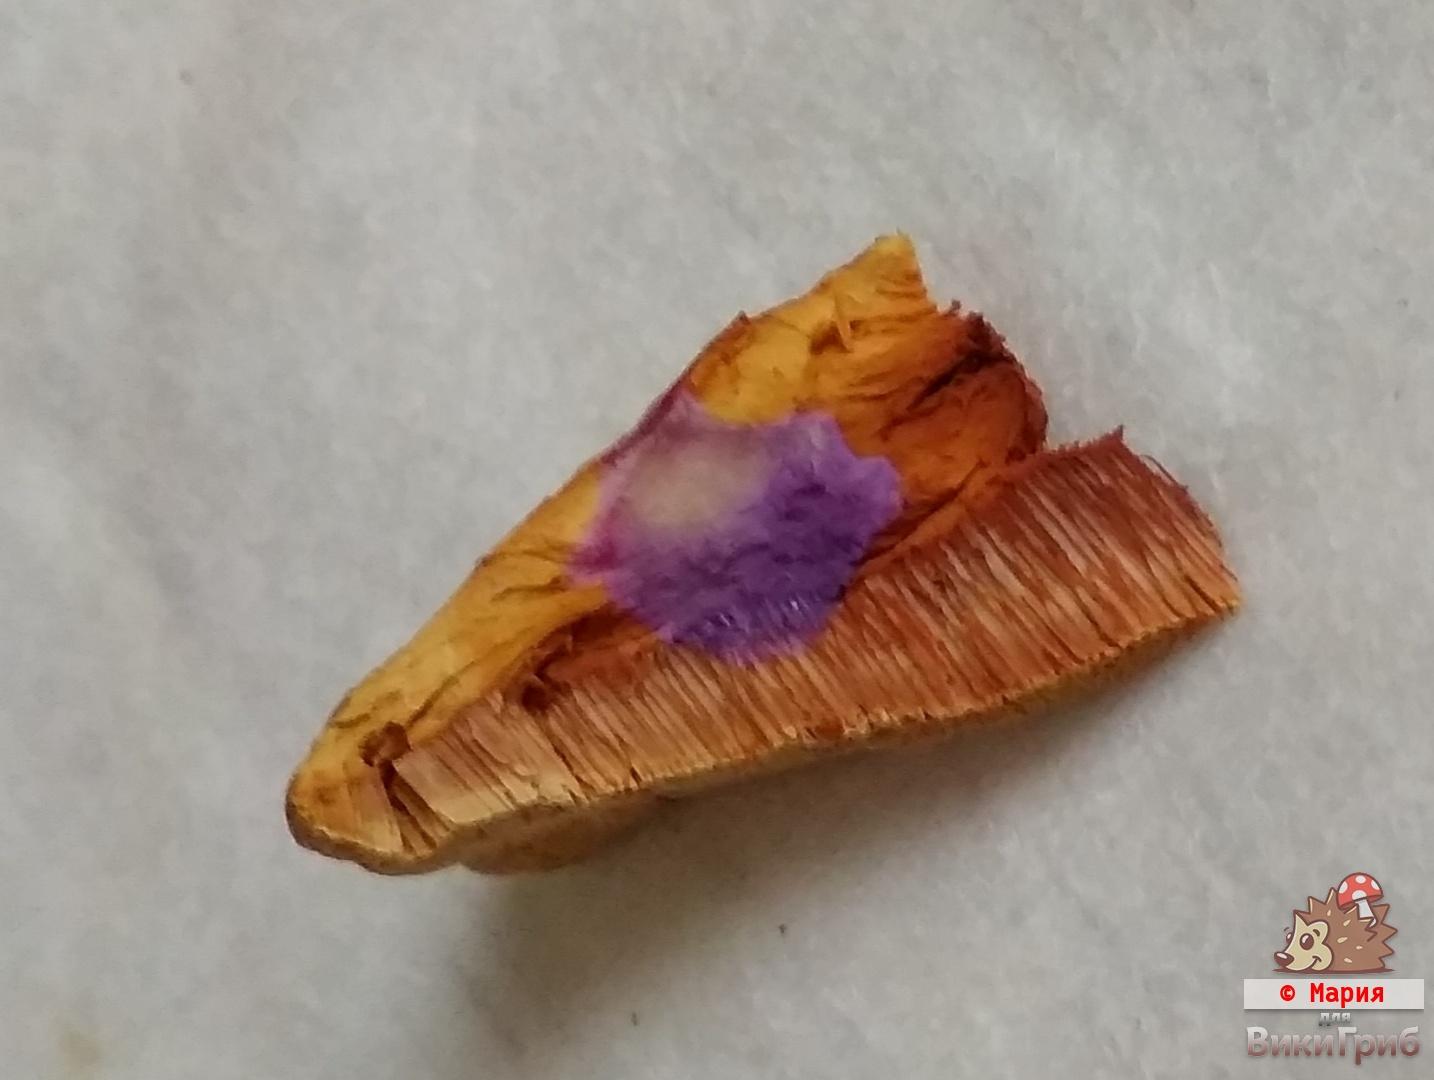 Гапалопилус красноватый - Hapalopilus rutilans